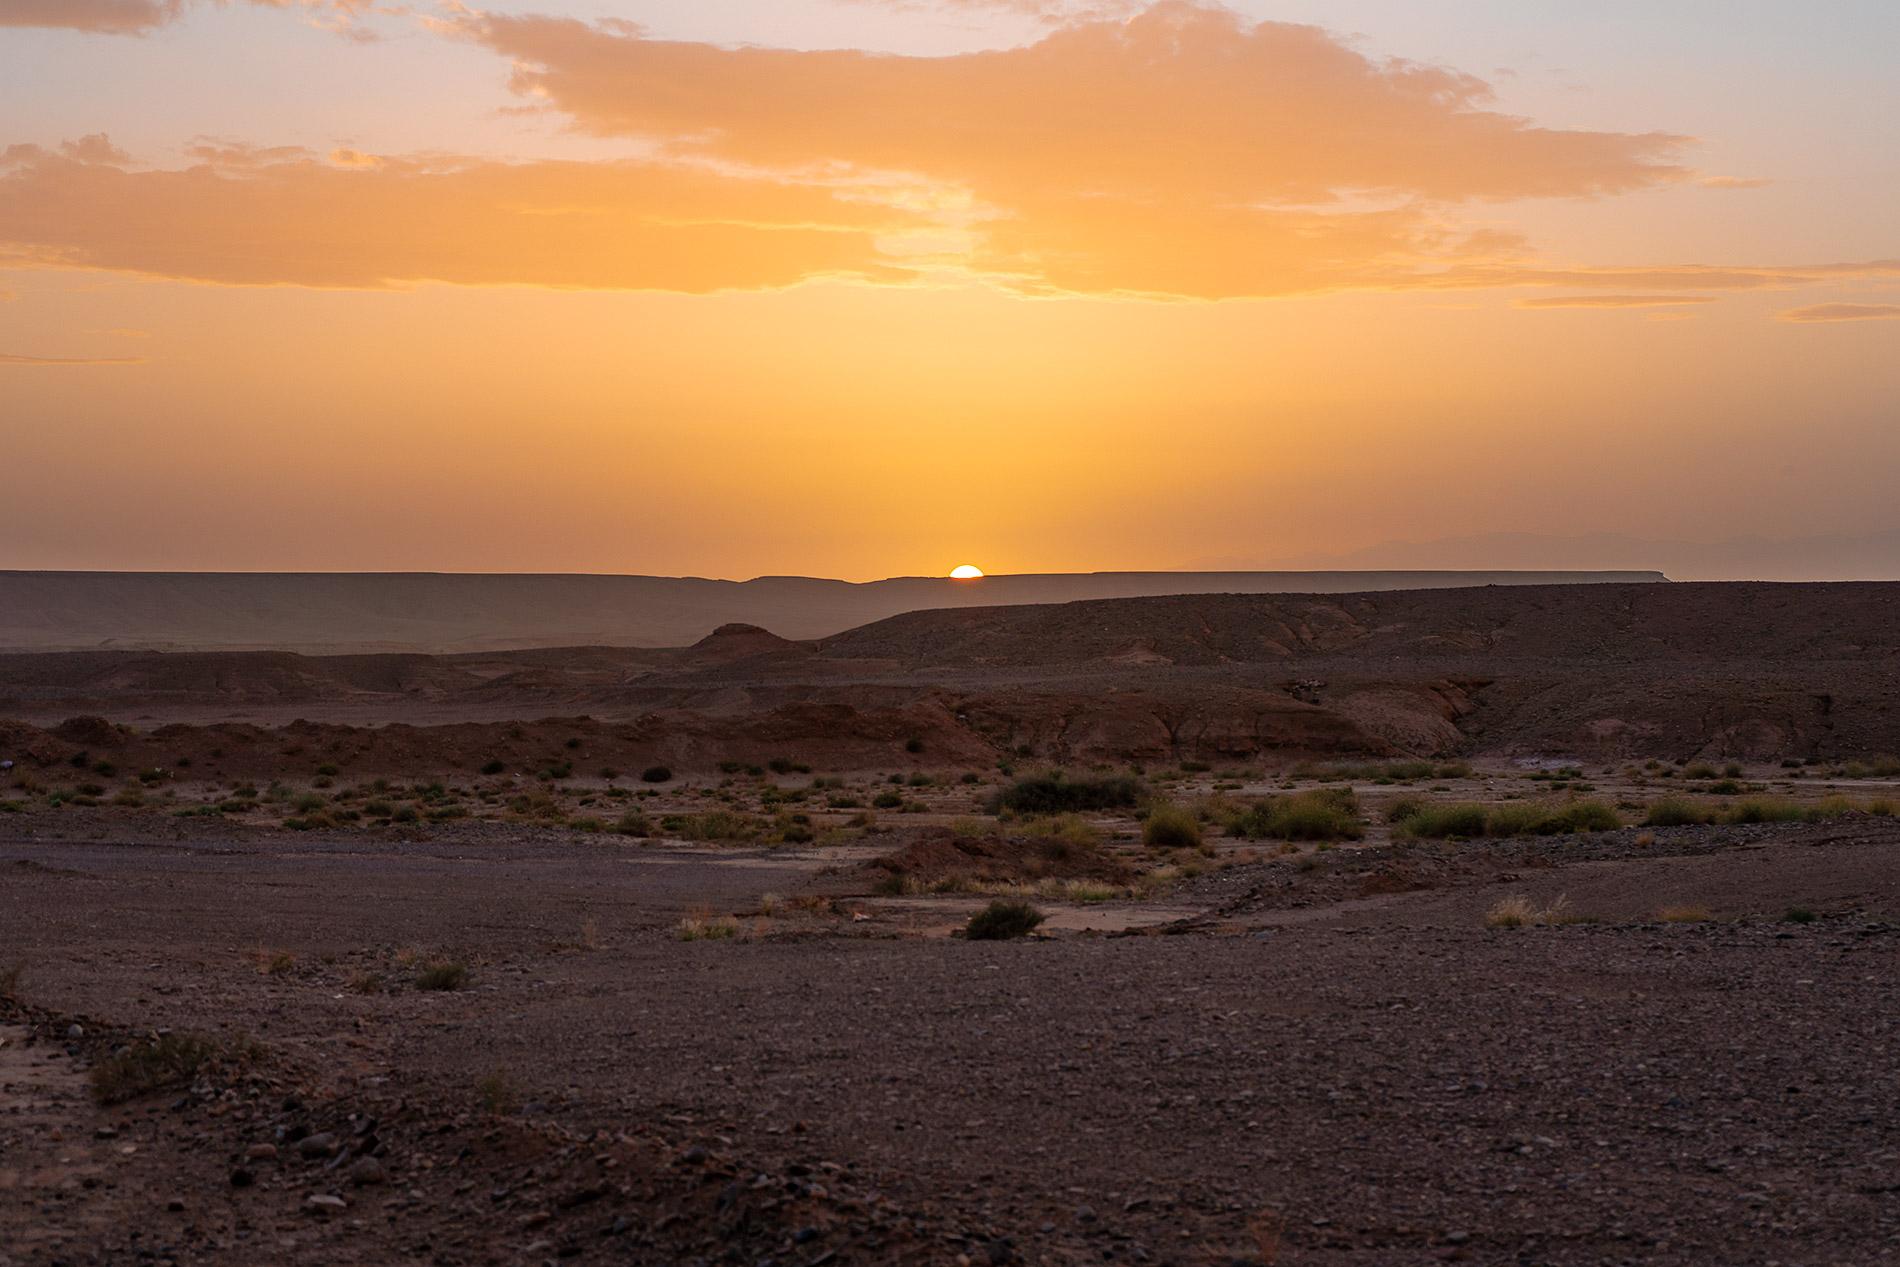 Por do sol na chegada a Ouarzazate, em Marrocos, no fim da nossa tour pelo deserto